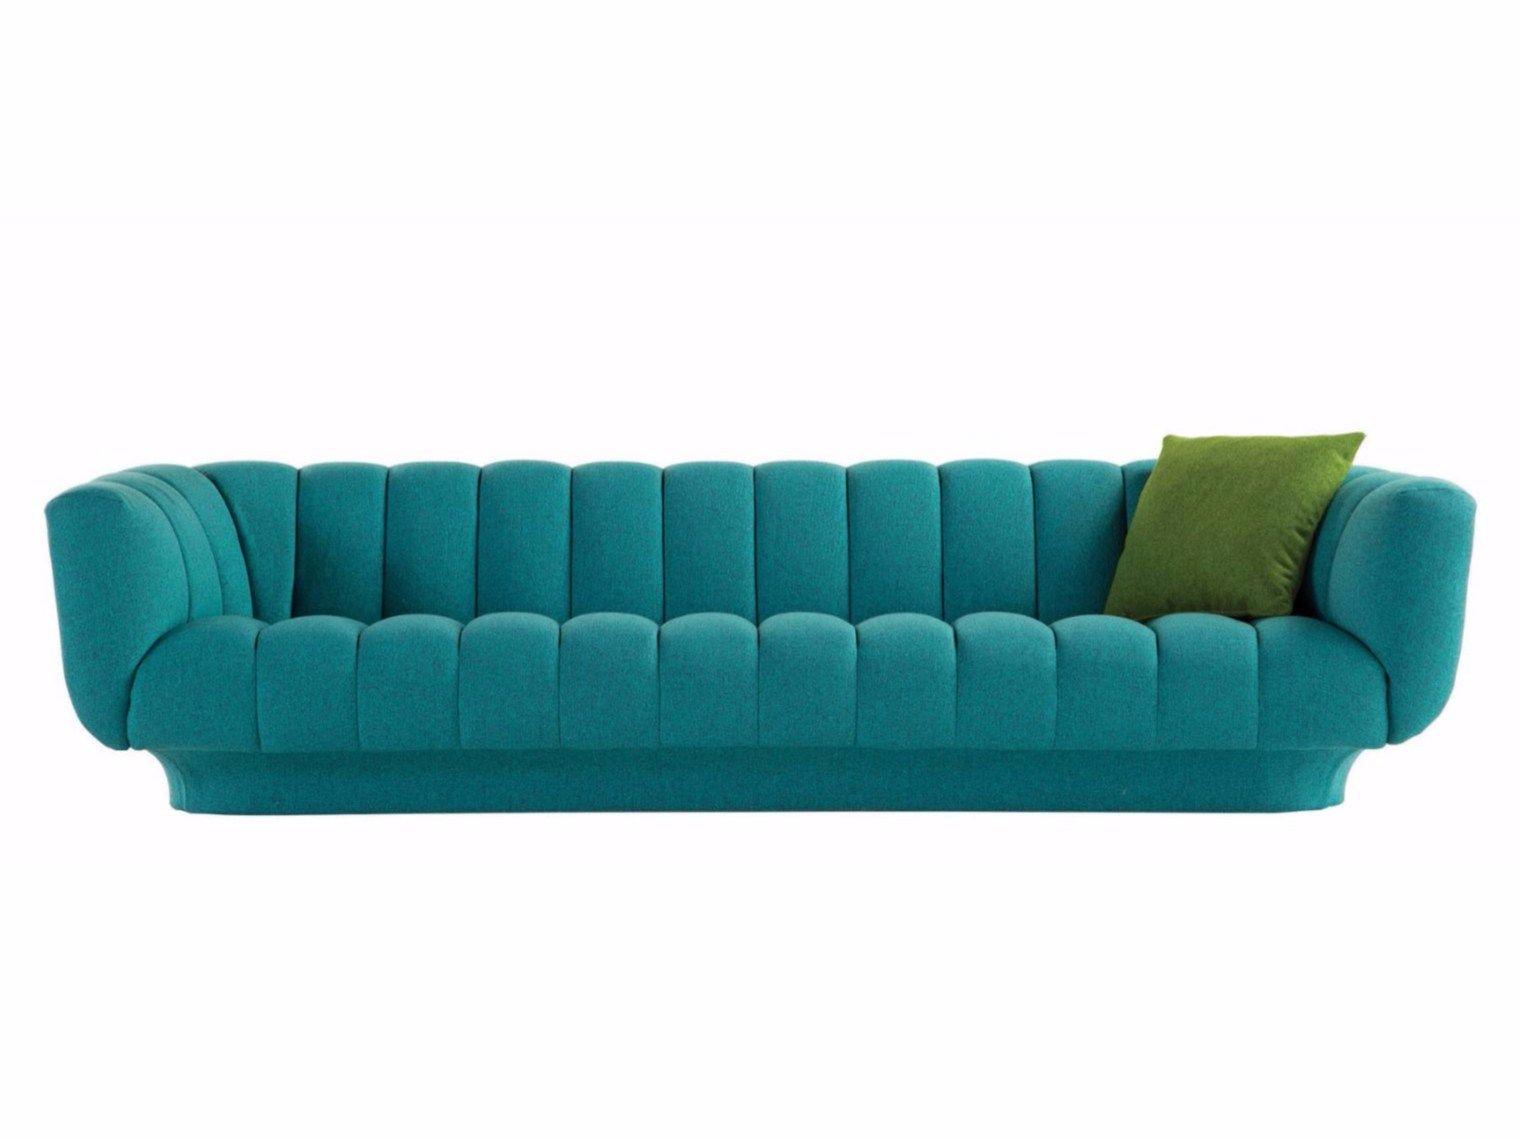 ODEA | Sofa By ROCHE BOBOIS design Maurizio Manzoni, Roberto Tapinassi